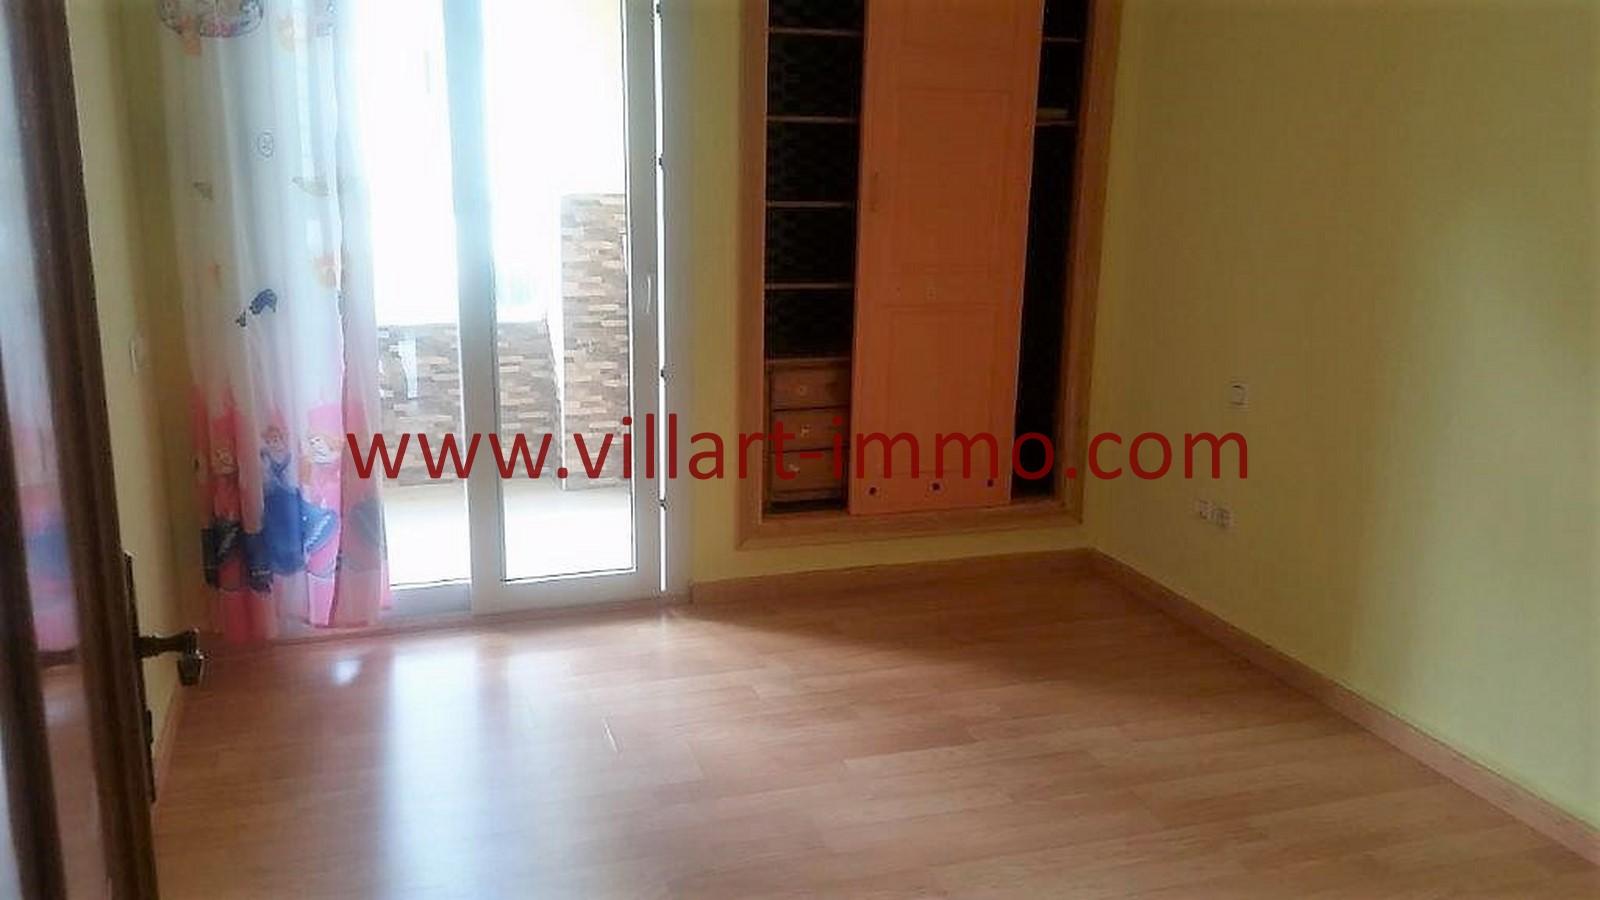 12-location-appartement-Non meublé-Tanger-Californie-Chambre 3-L1028